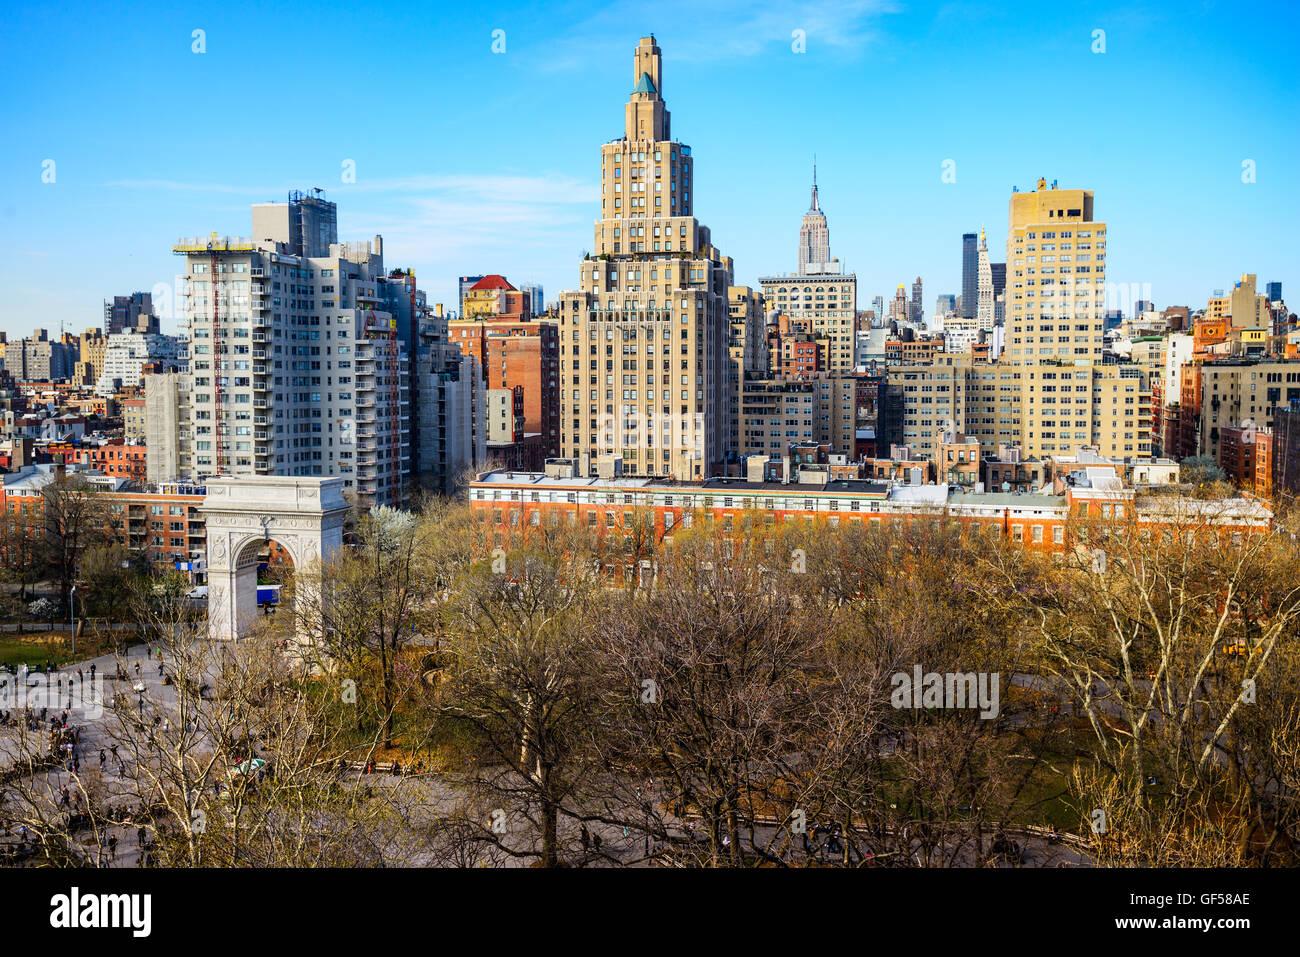 Washington Square Park e Greenwich Village Cityscape in New York City. Immagini Stock